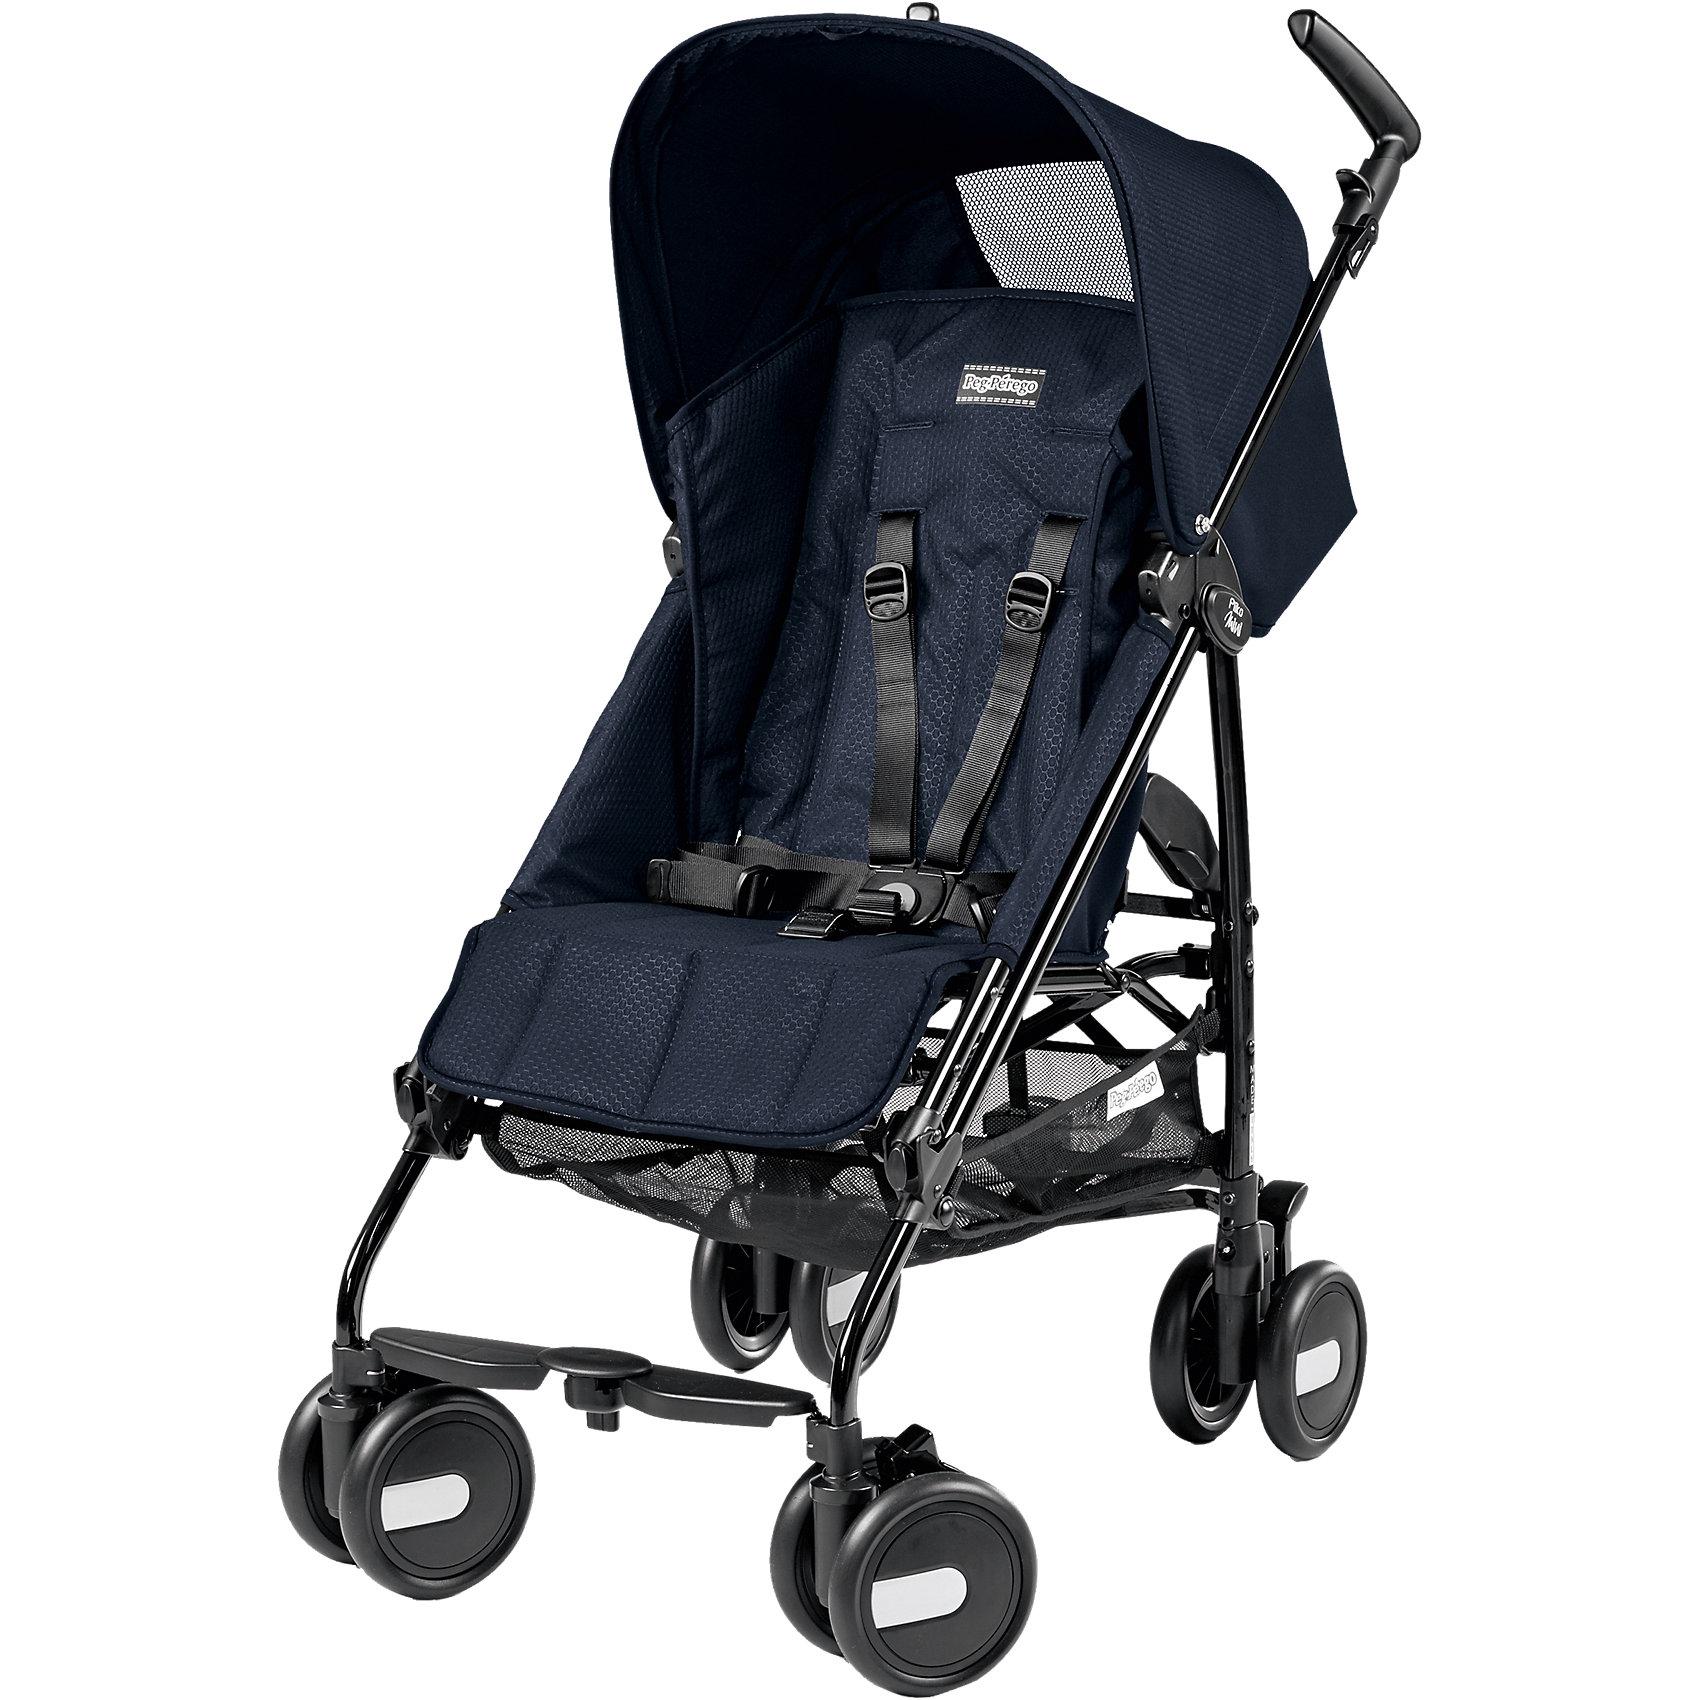 Peg Perego Прогулочная коляска Pliko Mini + бампер передний, Peg-Perego, Mod Navy синий